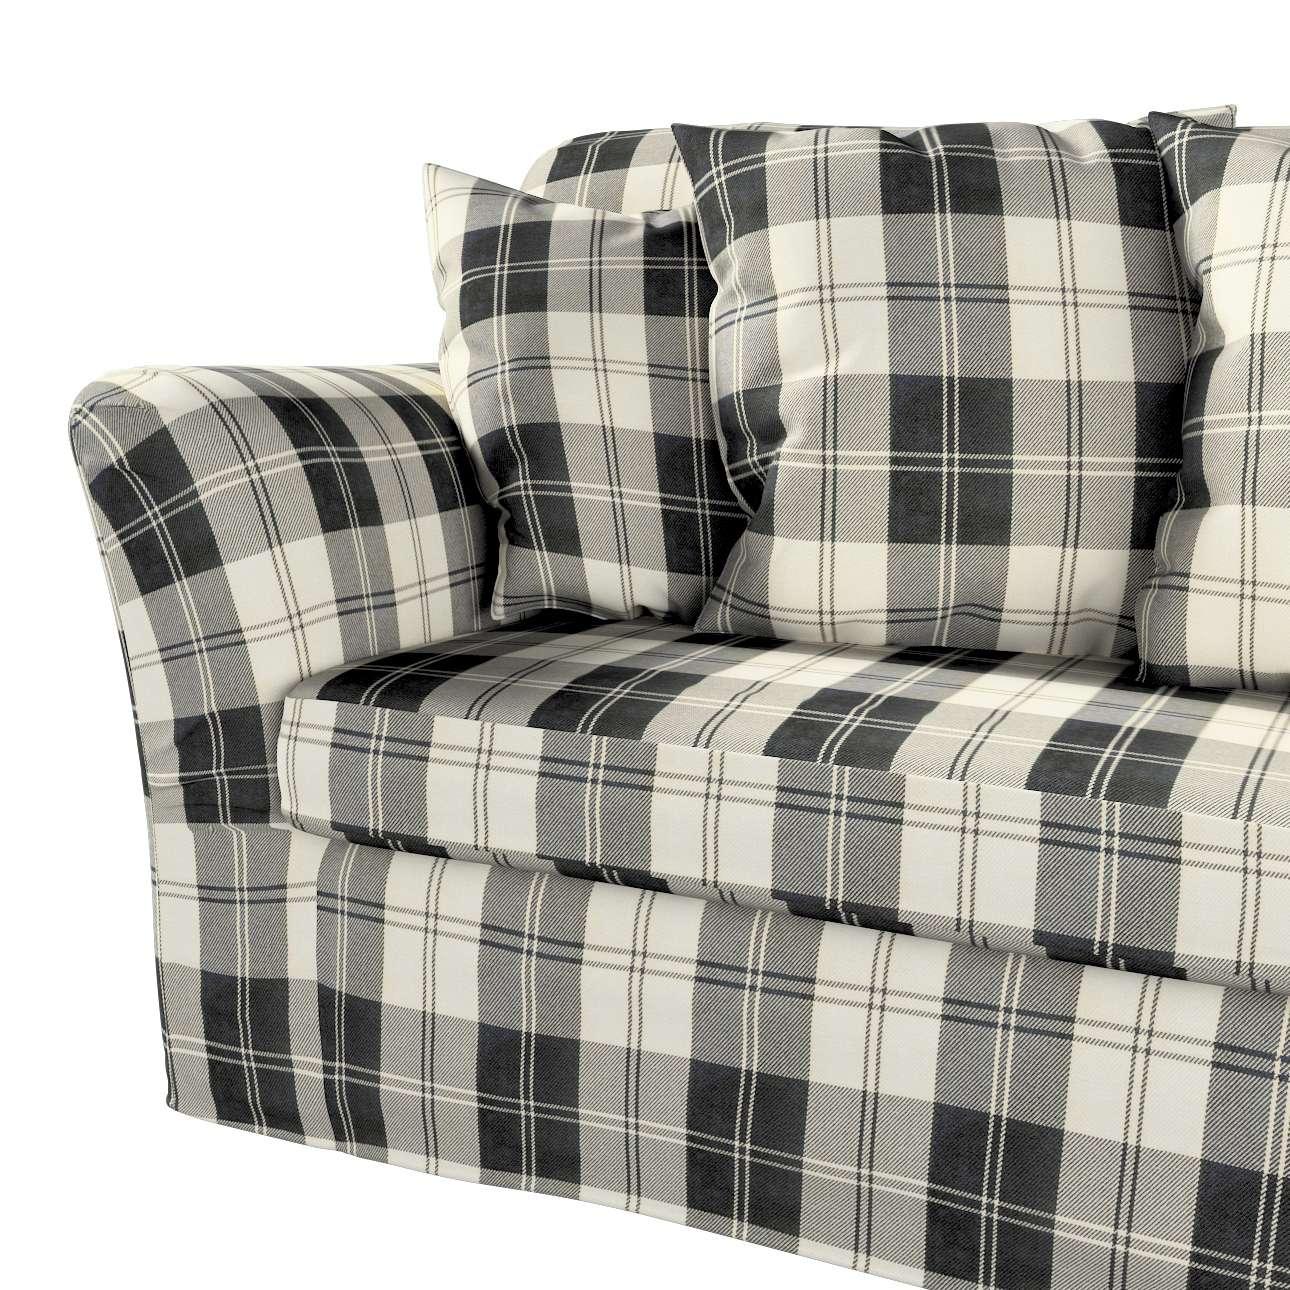 Pokrowiec na sofę Tomelilla 3-osobową rozkładaną w kolekcji Edinburgh, tkanina: 115-74